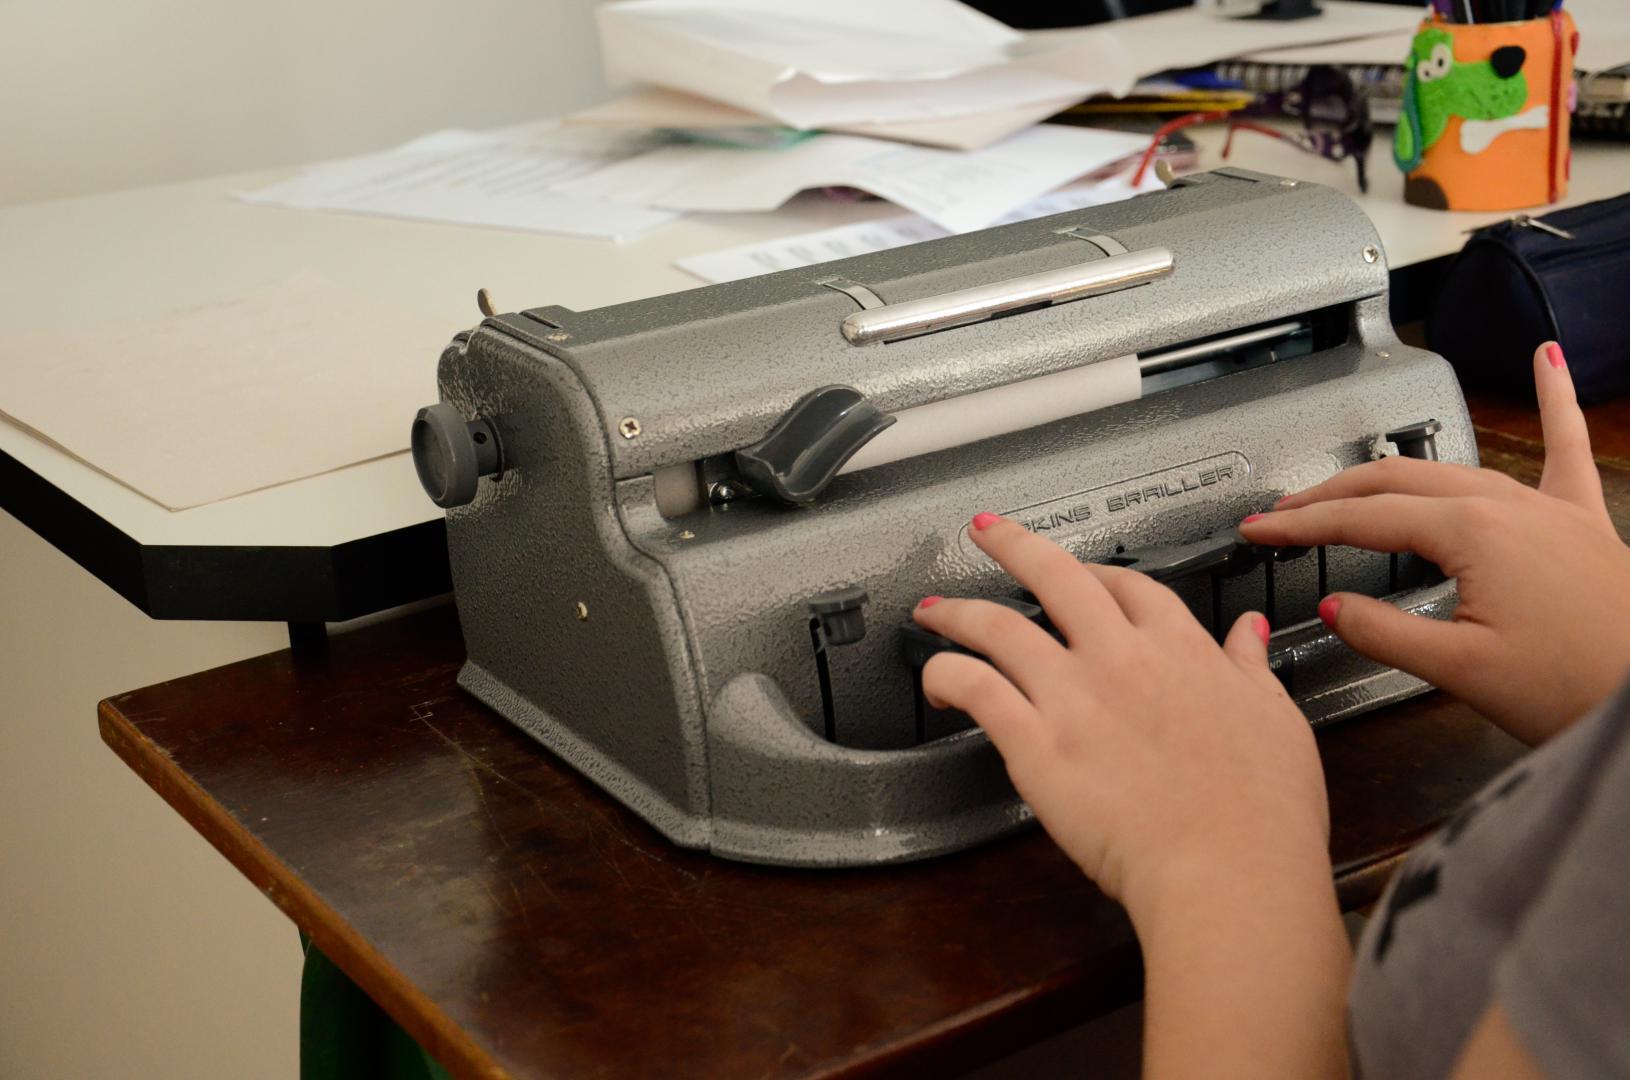 a imagem dá corte nas mãos de uma aluna teclando na máquina de braille. A máquina é cinza e está sobre uma mesa de madeira na cor marrom escuro, em primeiro plano. Em segundo plano, atrás desta mesa, está outra mesa, na cor branca, com papéis e outros materiais de escola sobre ela.